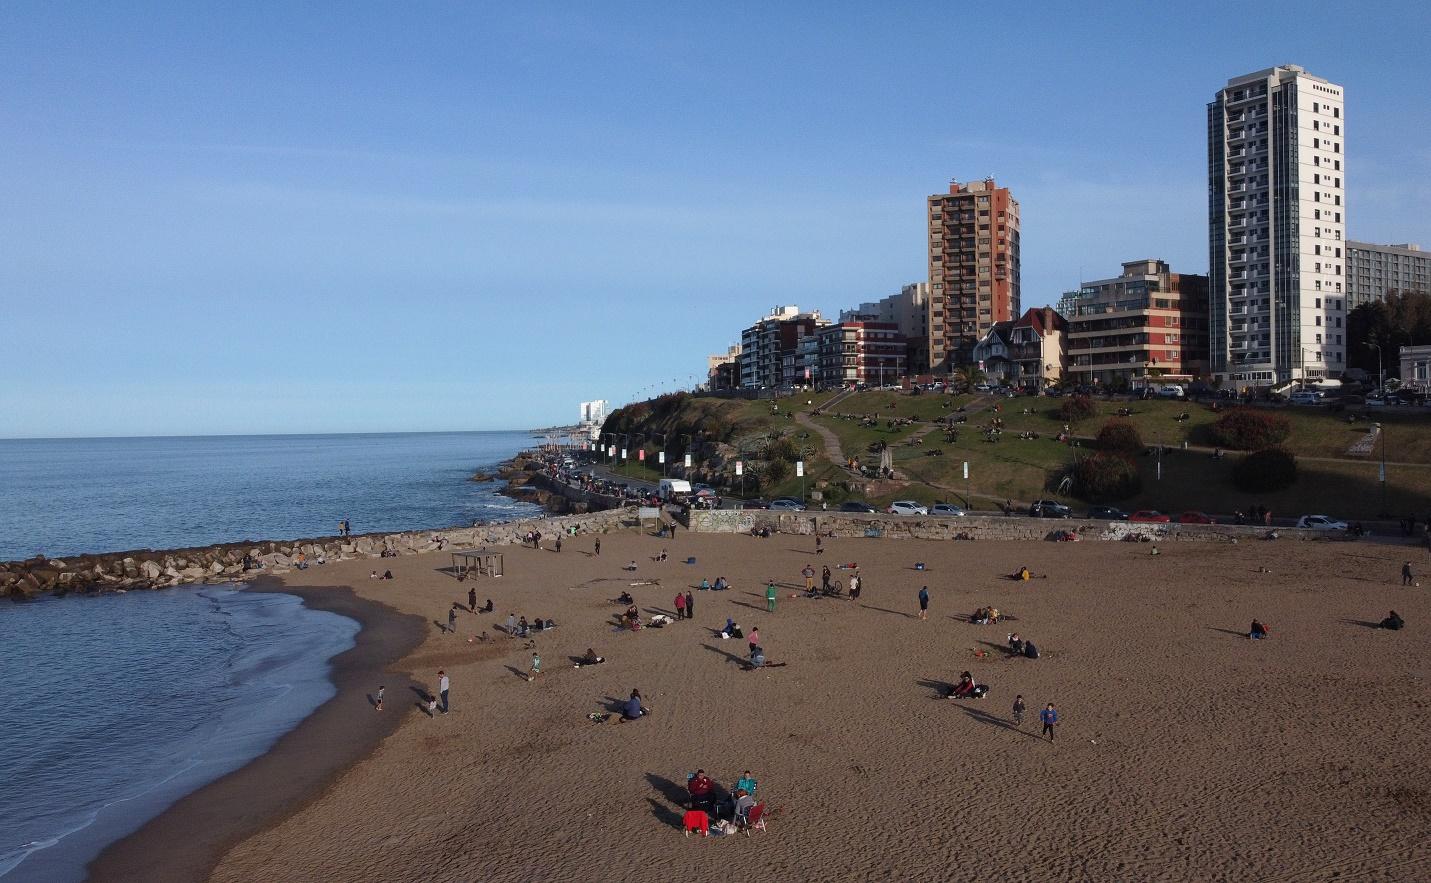 La situación epidemiológica en Mar del Plata sigue siendo alentadora